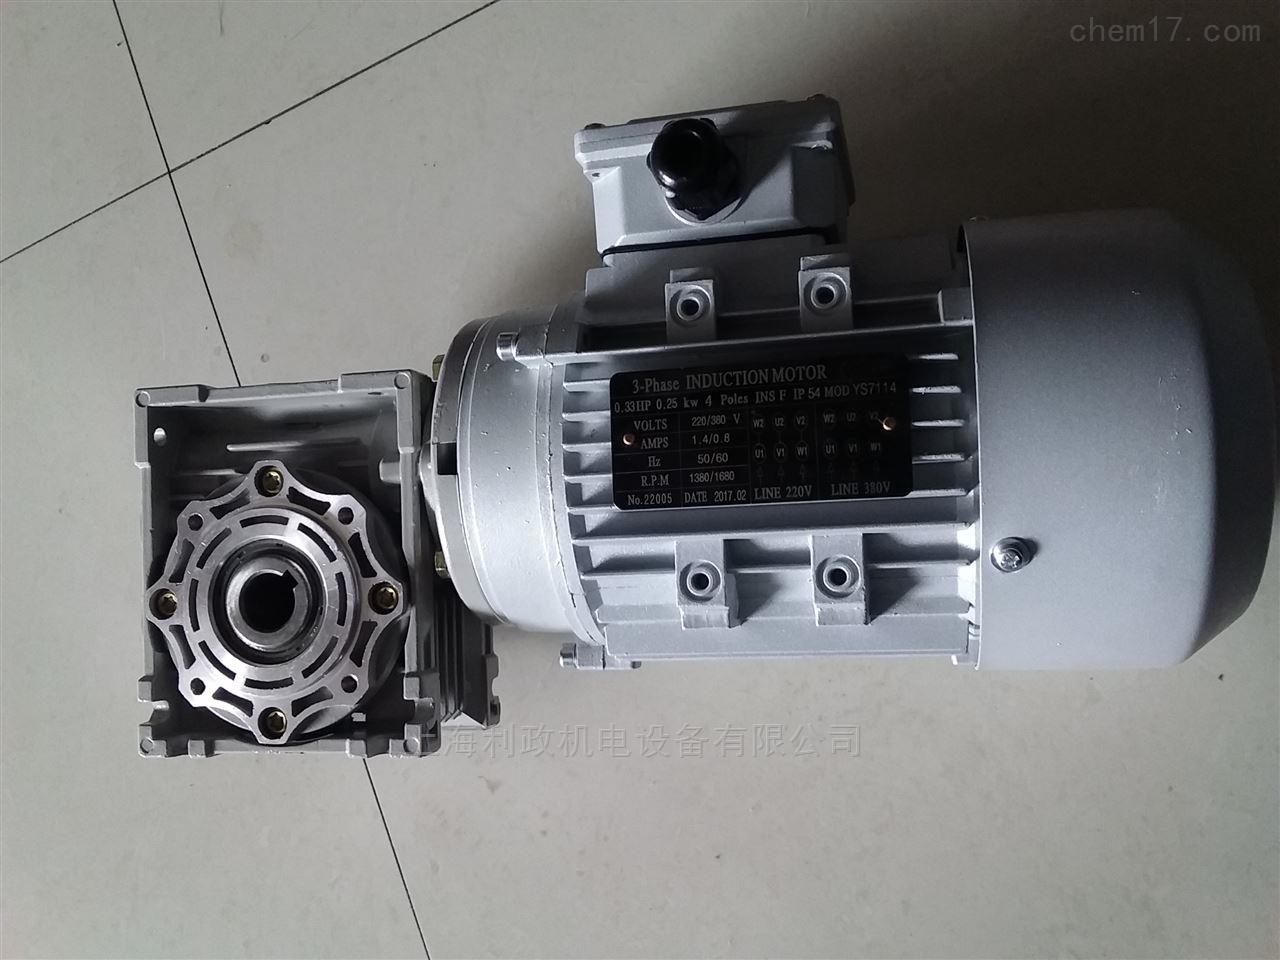 三相RV063蜗轮蜗杆减速电机 利政牌减速器